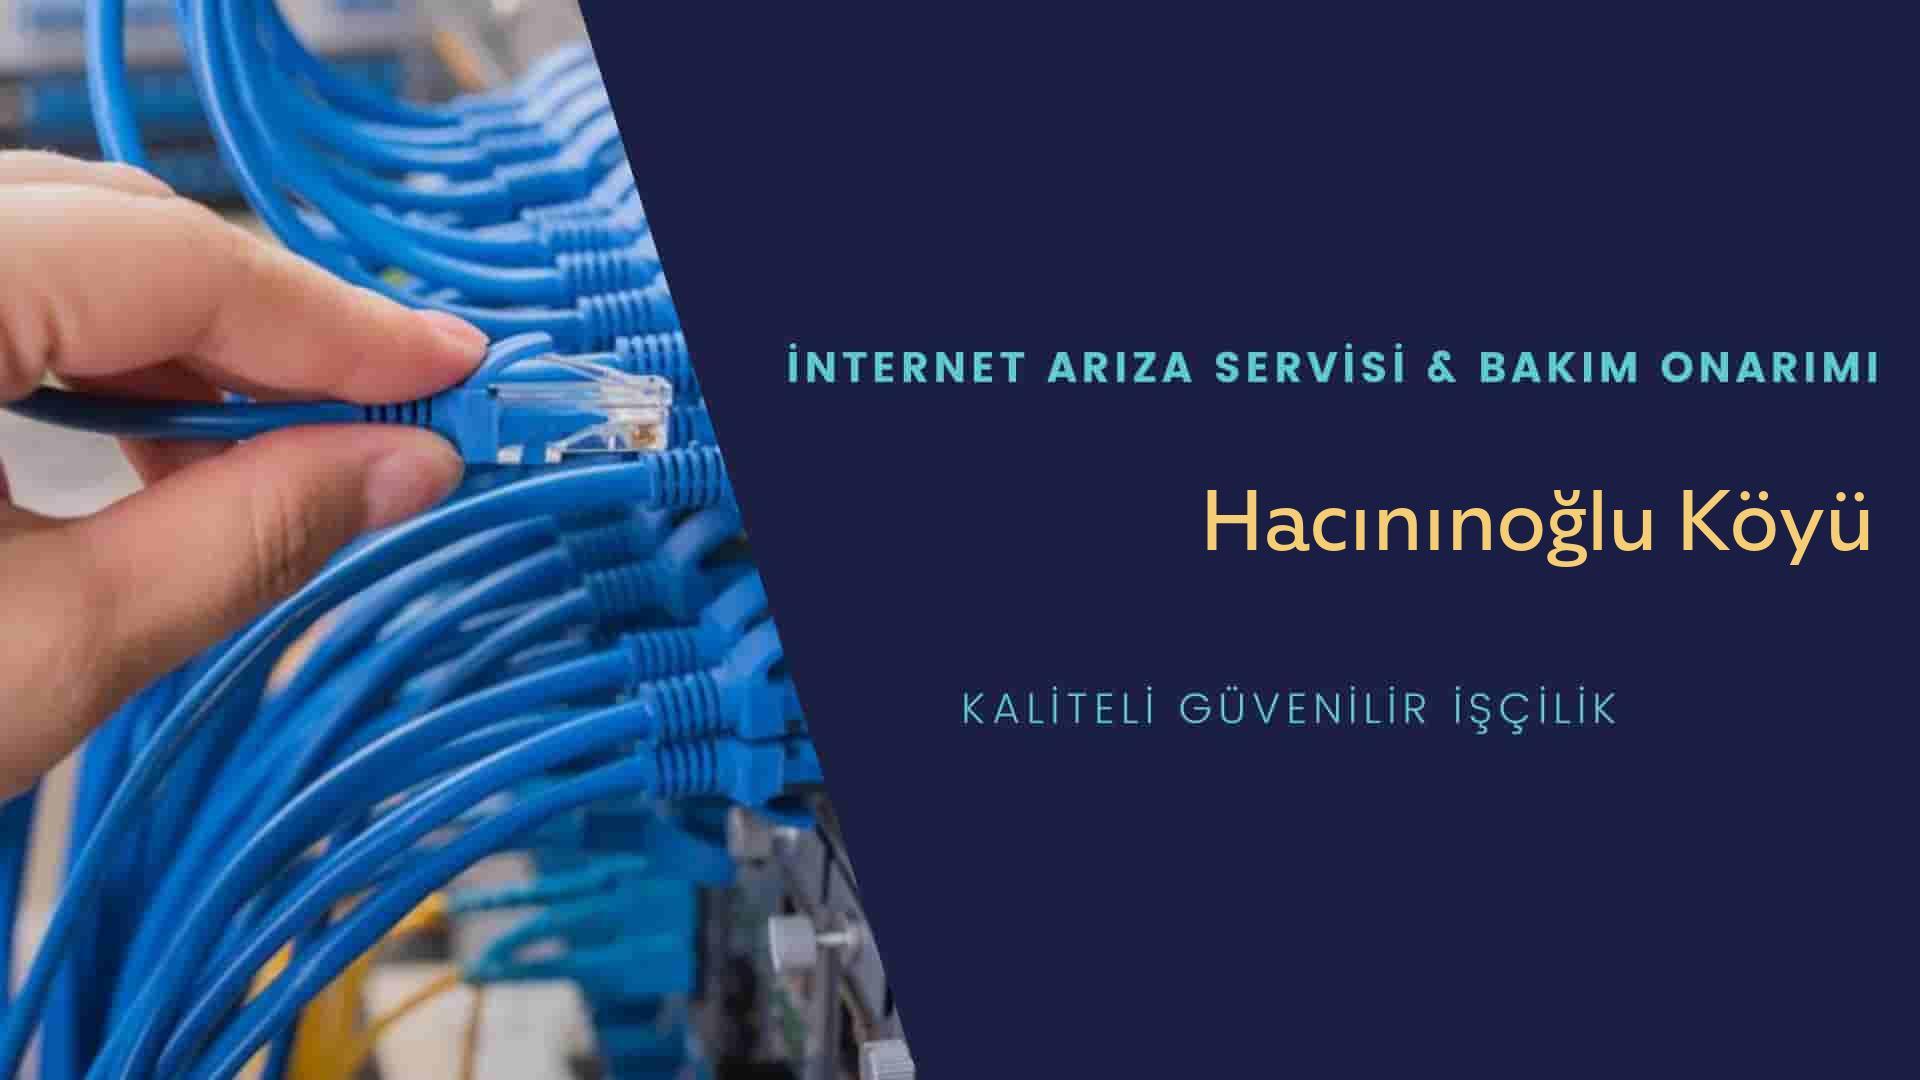 Hacınınoğlu Köyü internet kablosu çekimi yapan yerler veya elektrikçiler mi? arıyorsunuz doğru yerdesiniz o zaman sizlere 7/24 yardımcı olacak profesyonel ustalarımız bir telefon kadar yakındır size.